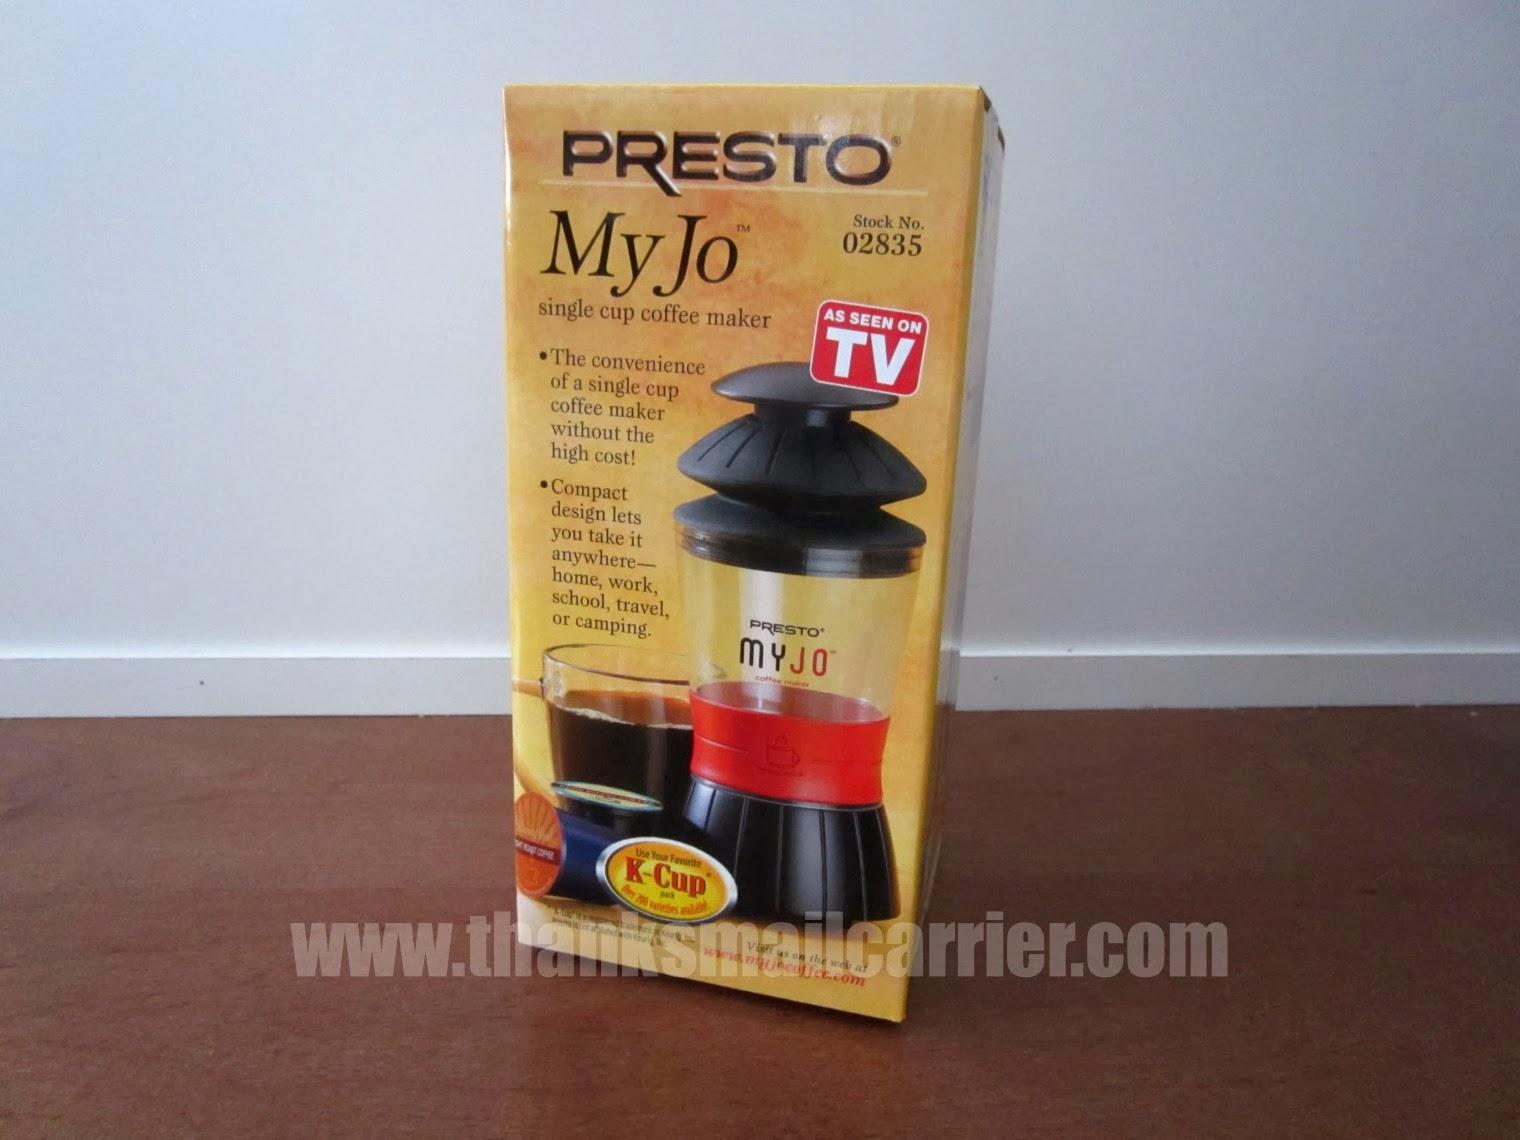 presto myjo coffee - Single Cup Coffee Maker Reviews